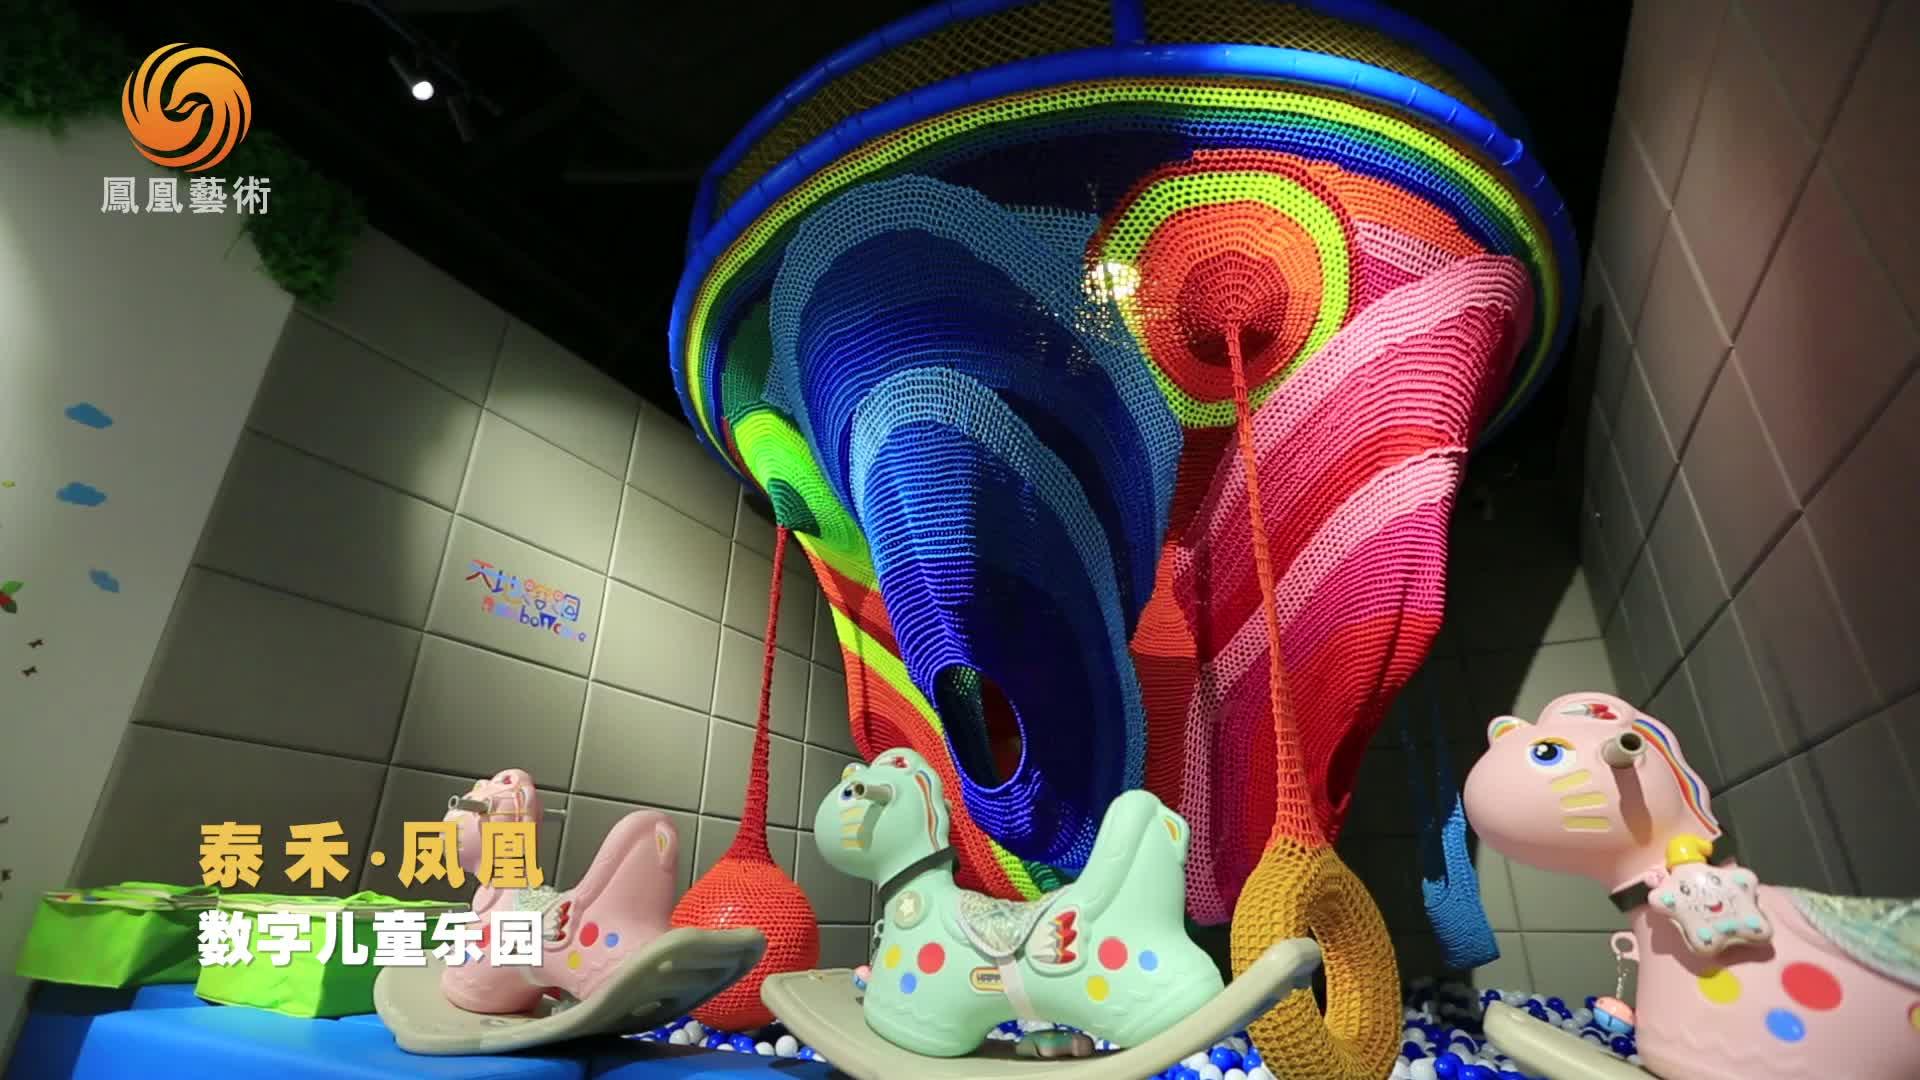 喜迎新春丨泰禾凤凰数字儿童乐园欢乐开园